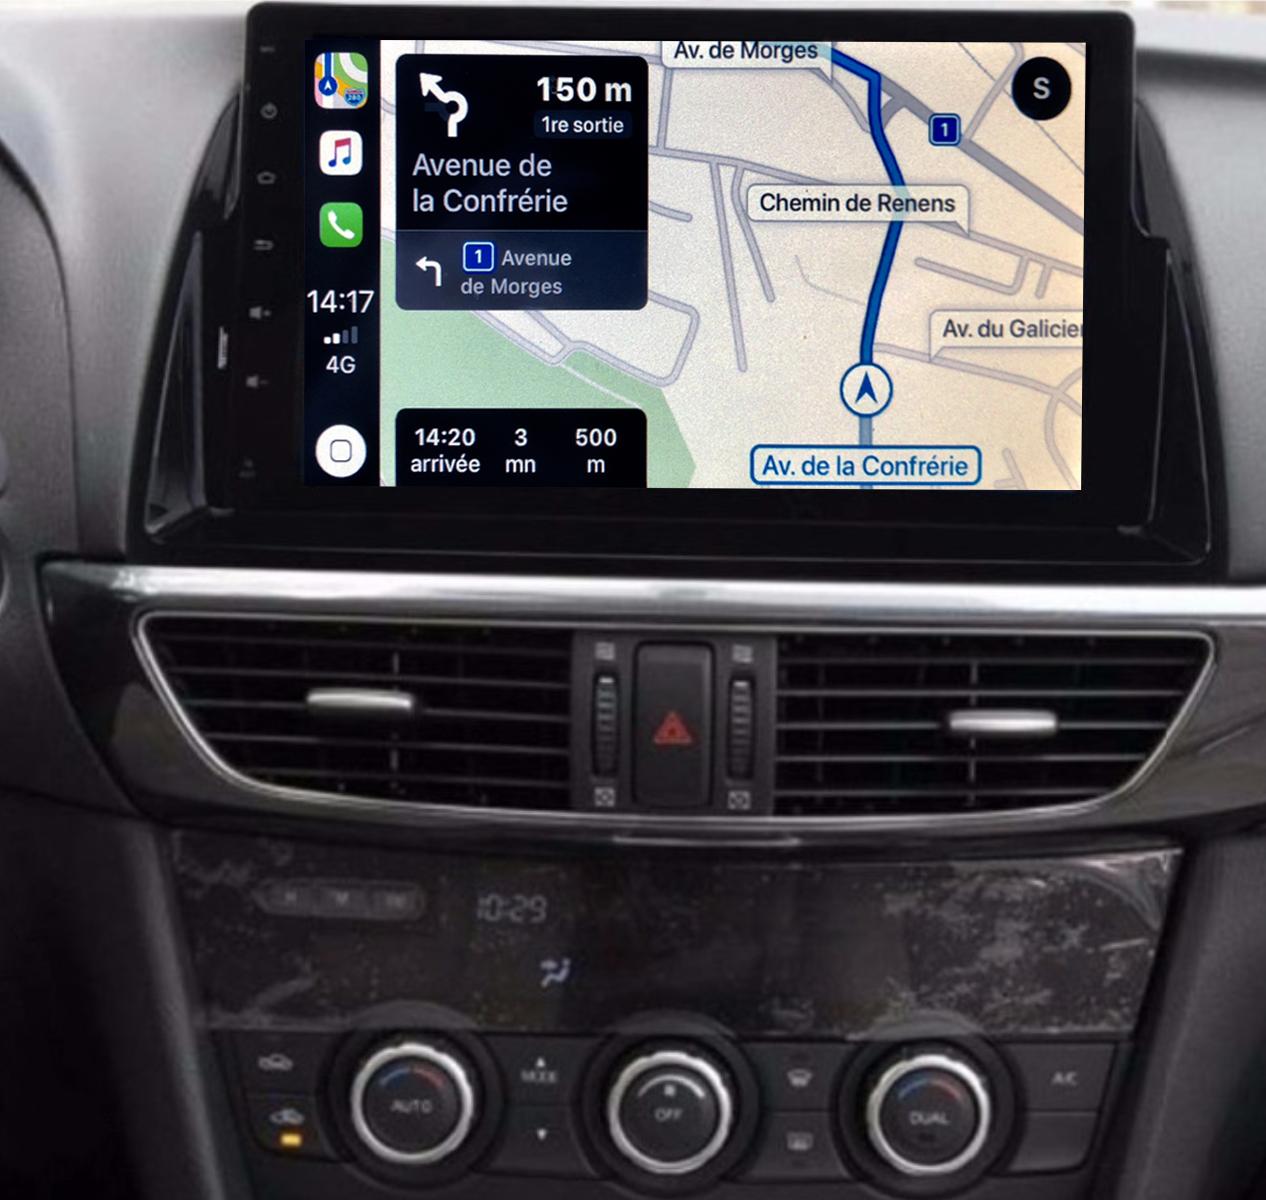 Autoradio GPS à écran tactile QLED Android 11.0 et Apple Carplay sans fil Mazda CX-5 de 2012 à 2017